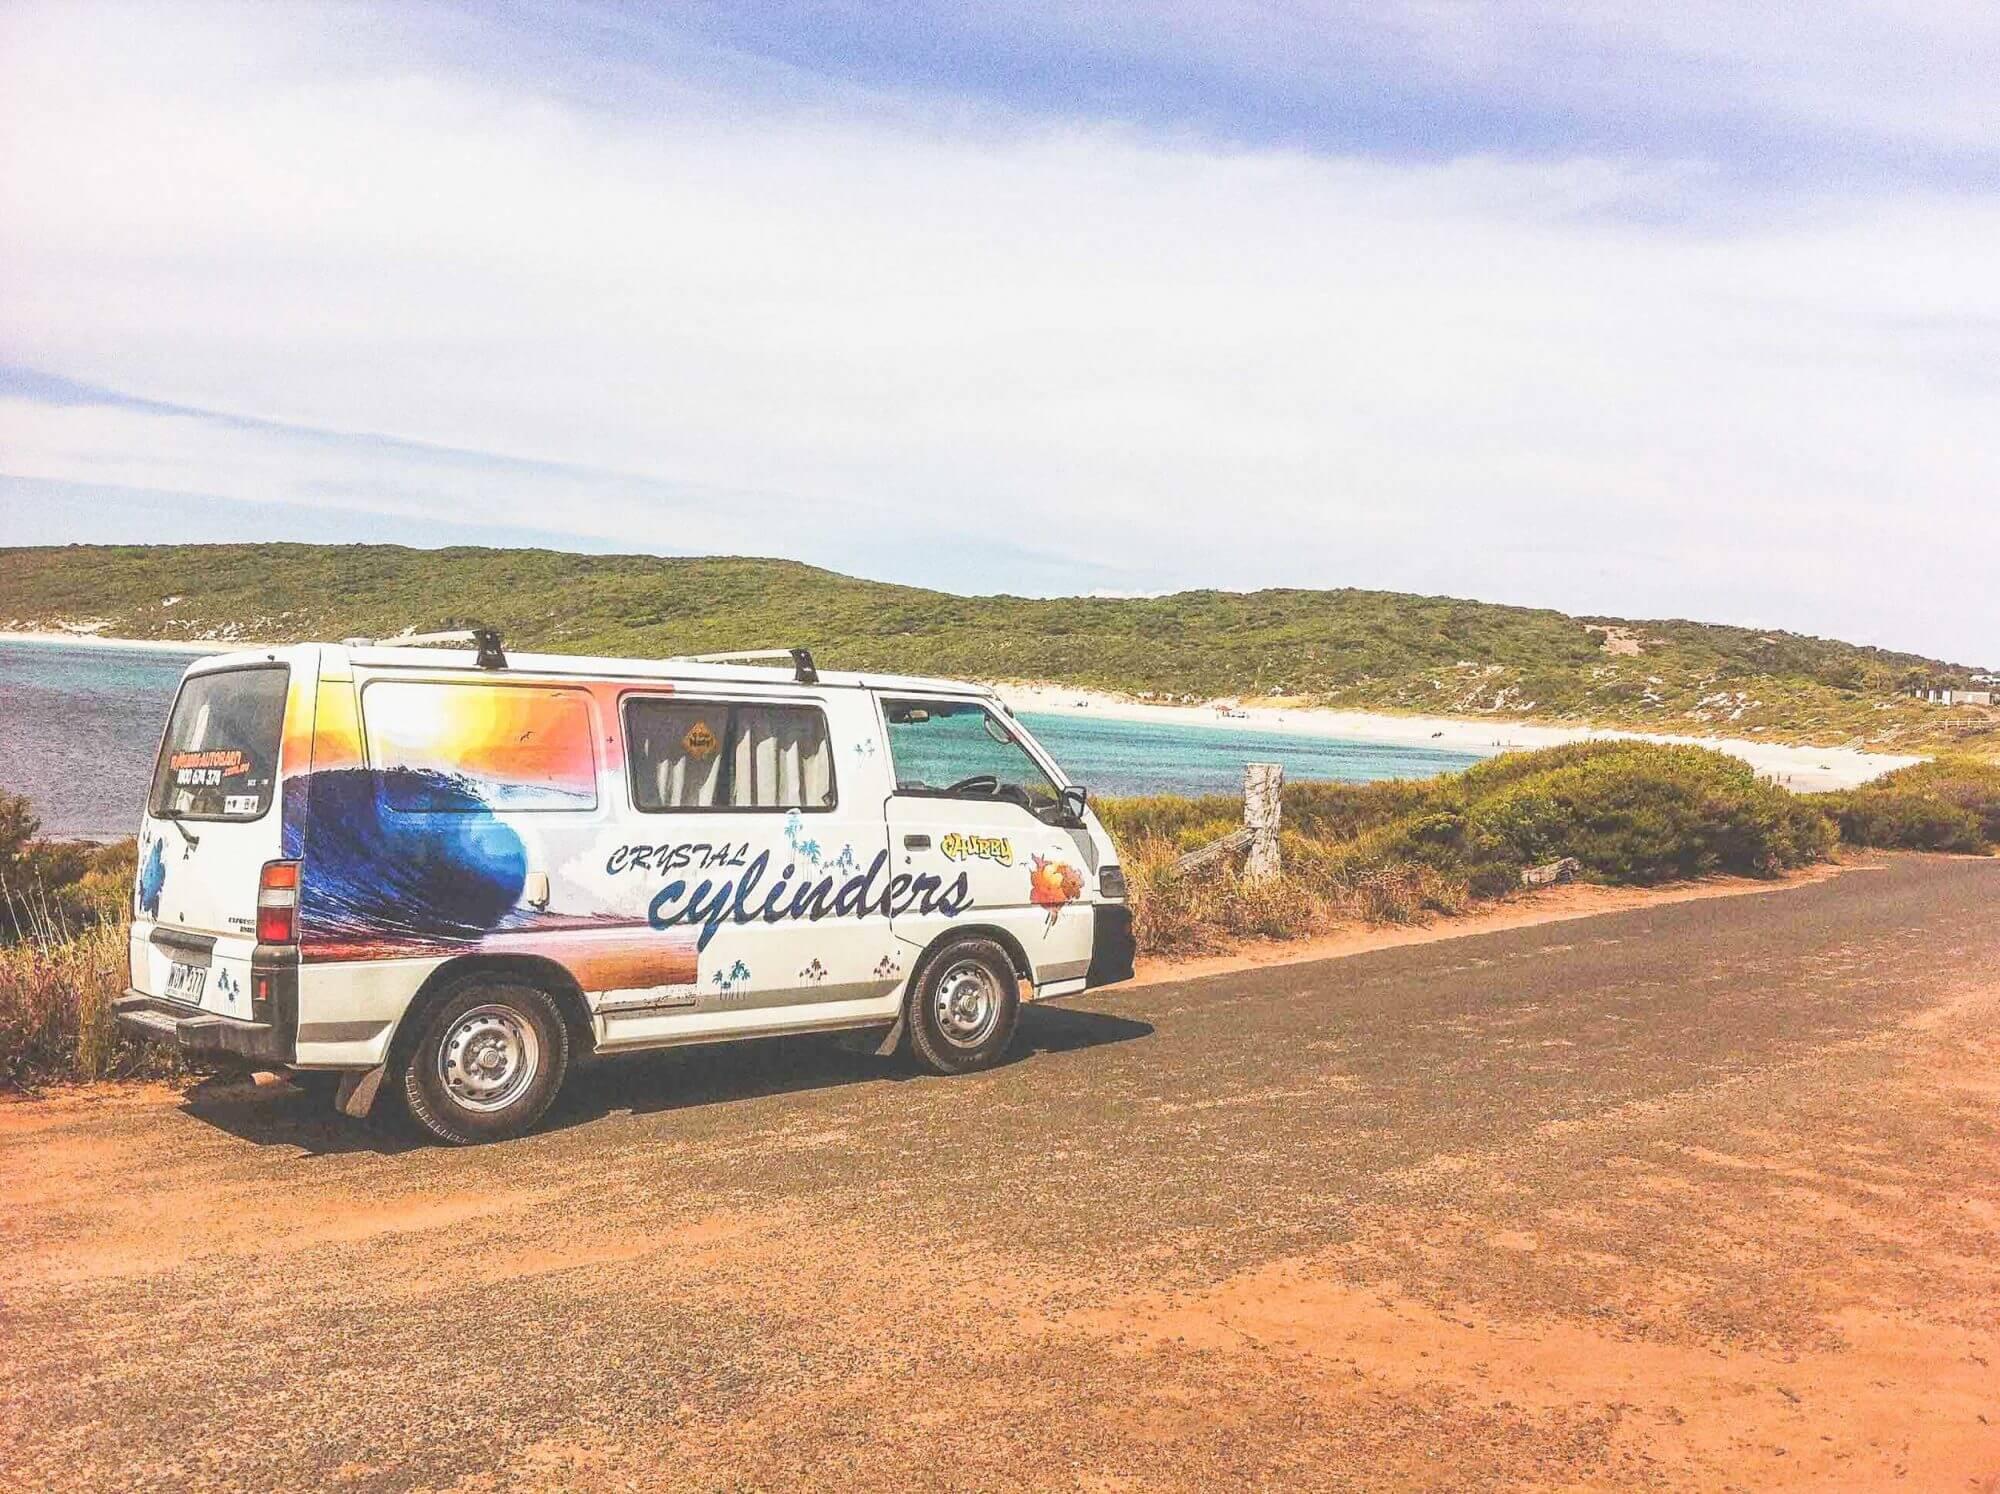 Voyage en Australie : que faut il pour partir en Australie ?